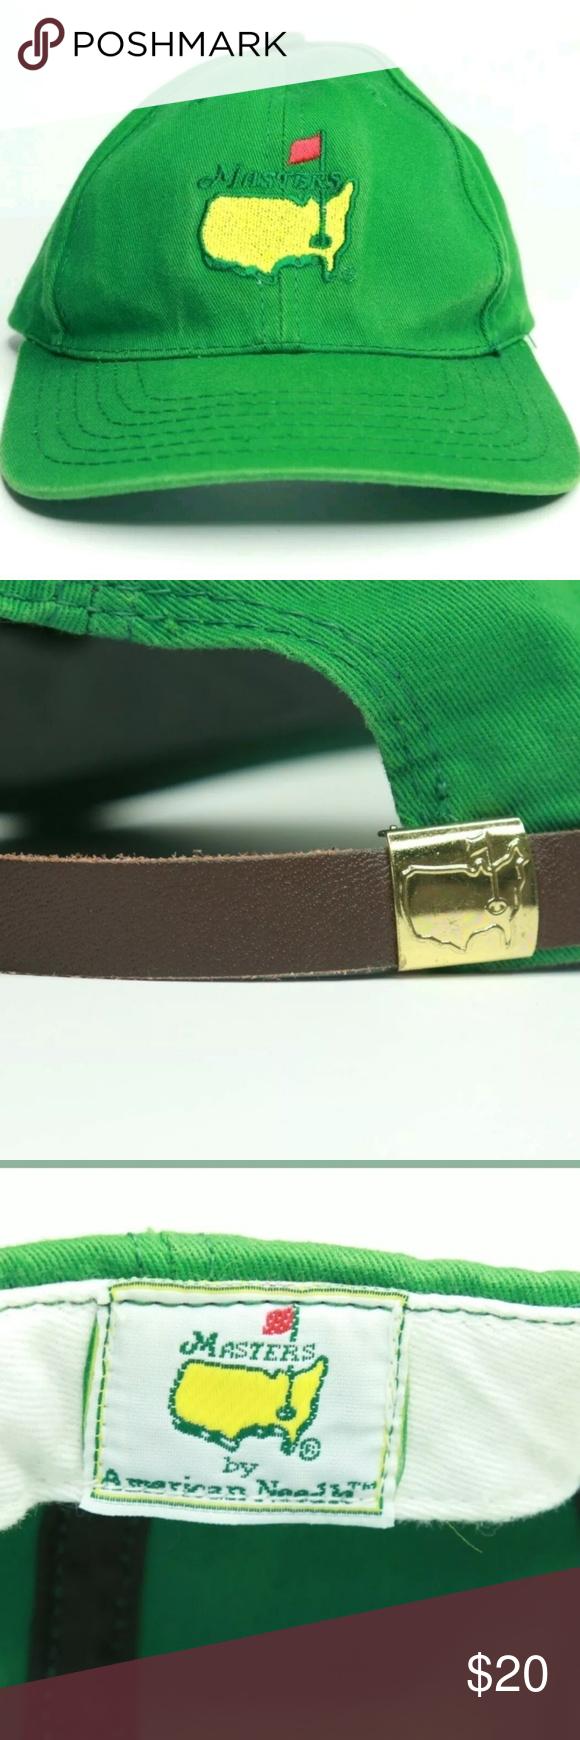 Masters Golf Logo Adjustable Hat Please Read Entire Description Item Masters Golf Logo Adjustable Hat With Leather Adjustable Hat Golf Logo American Needle